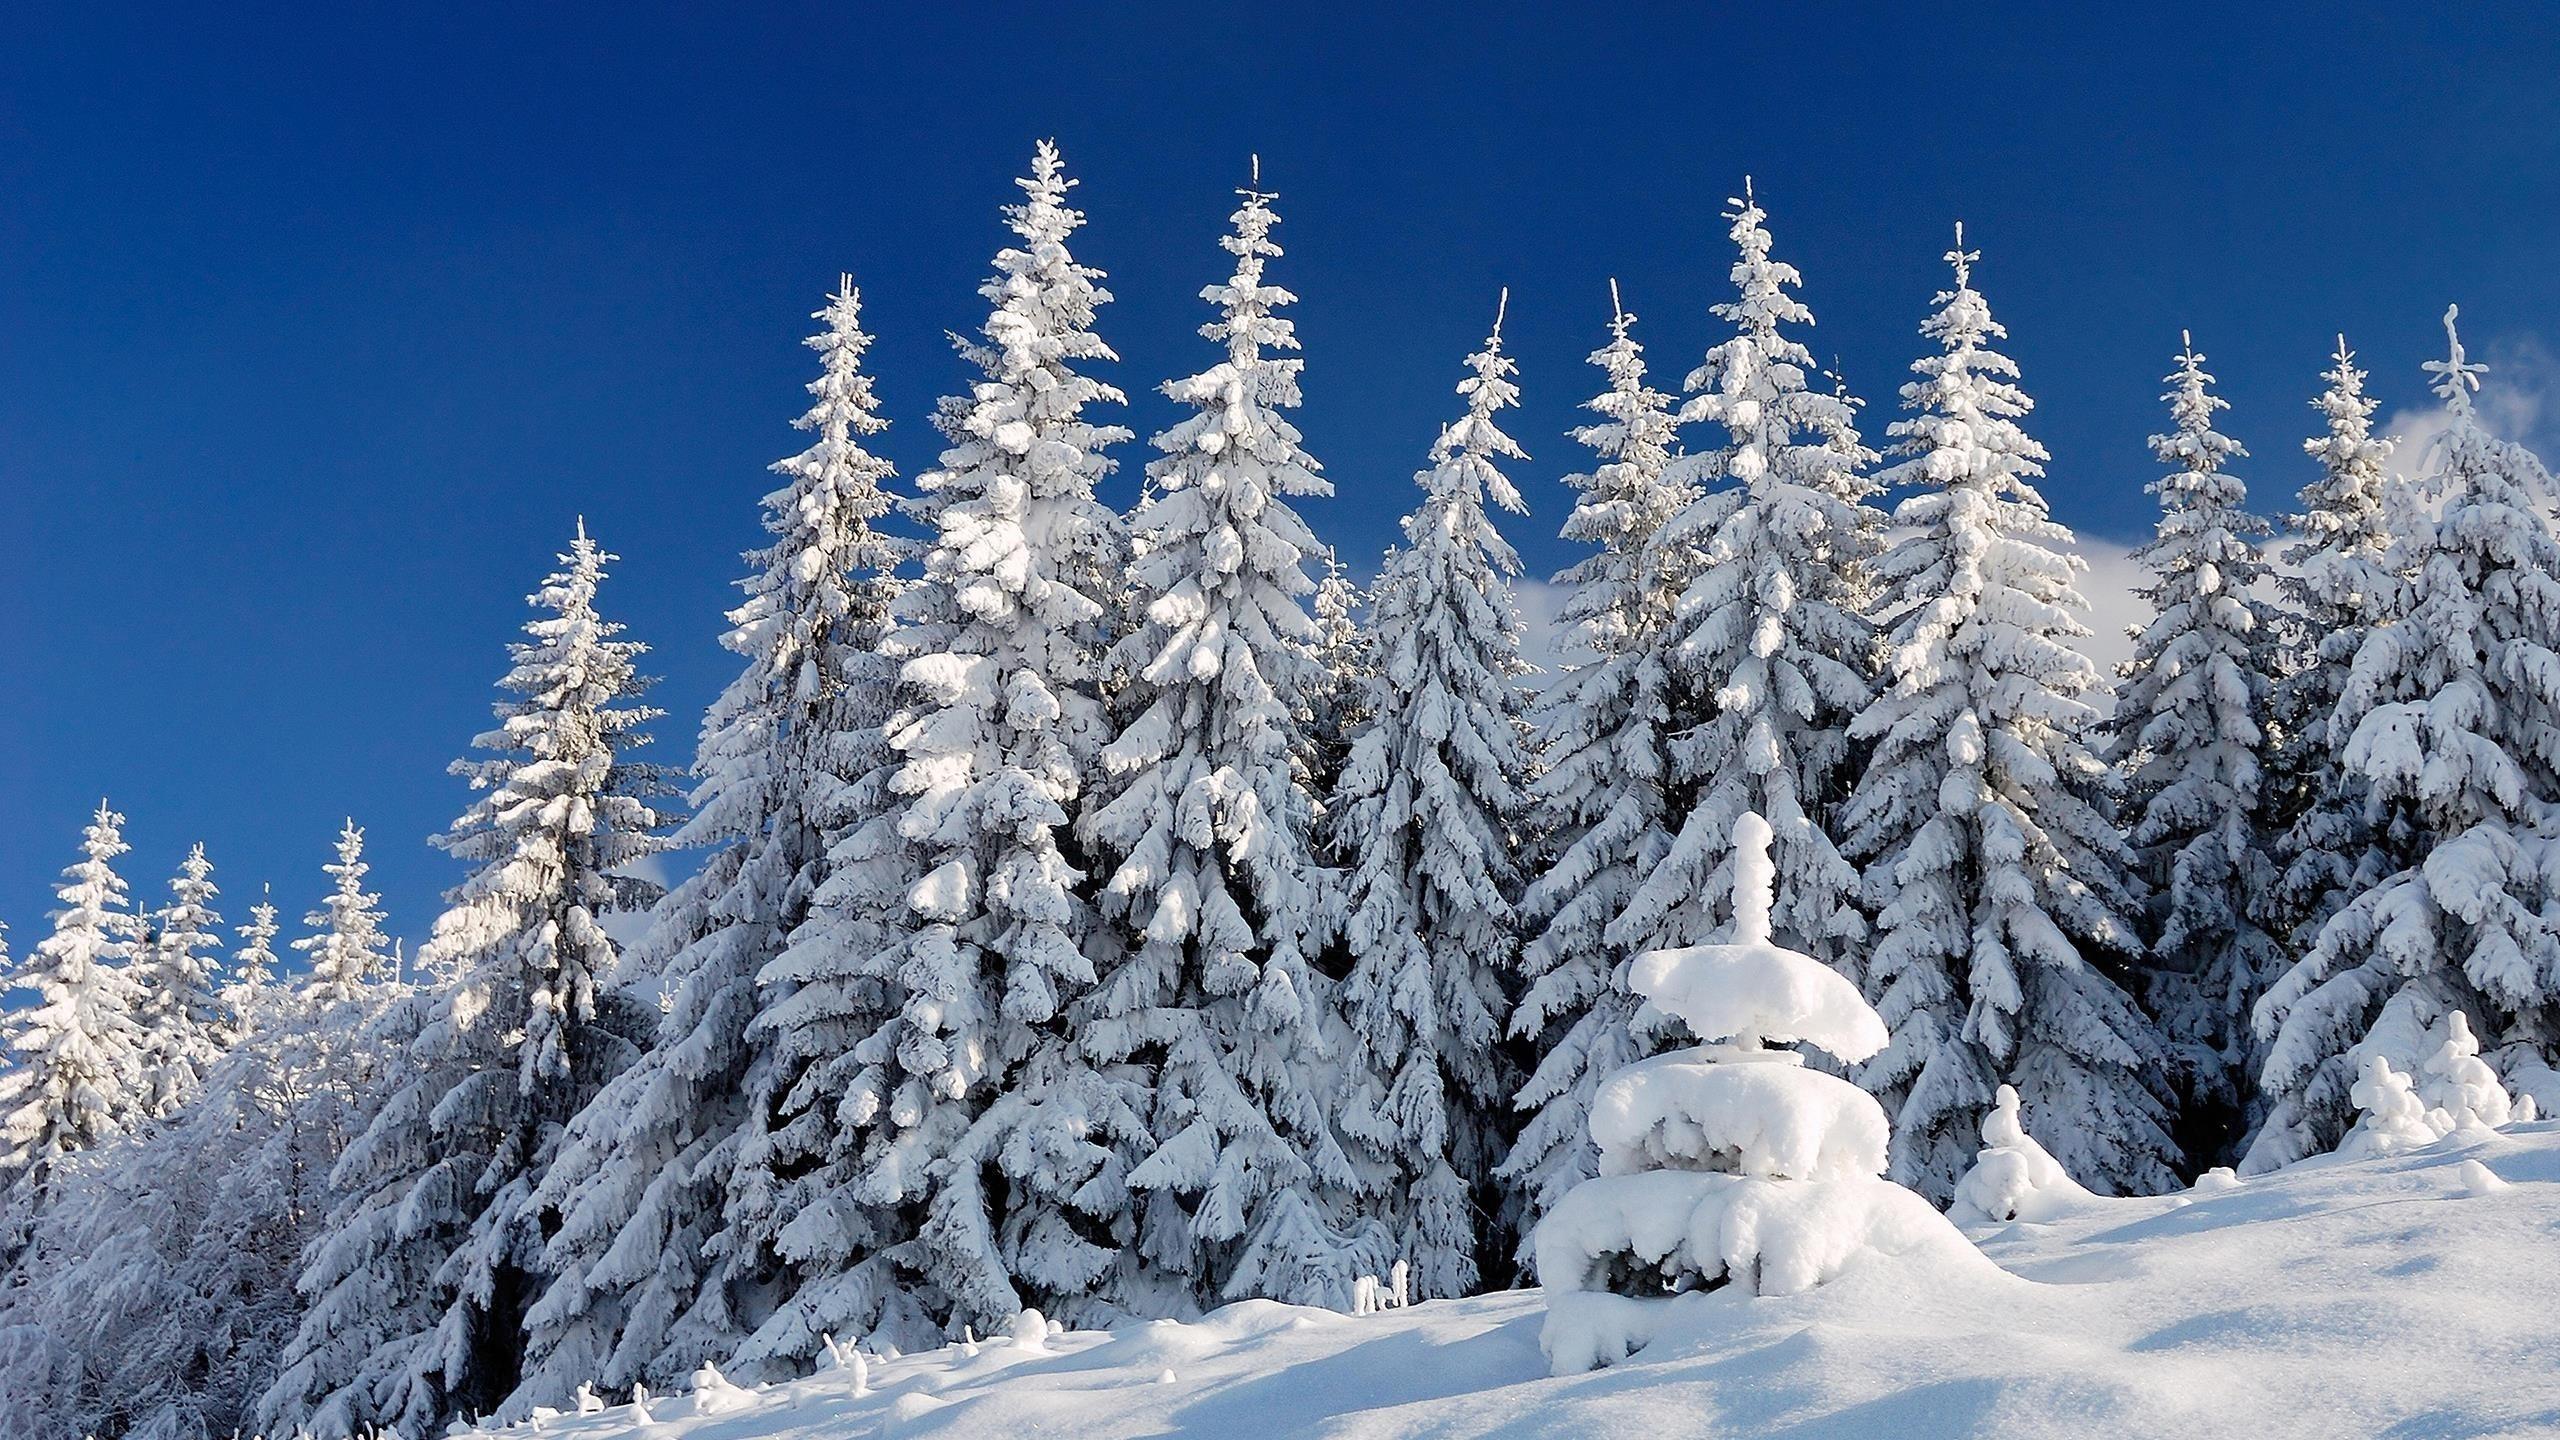 Заснеженные ели в снежном поле под голубым небом зима обои скачать